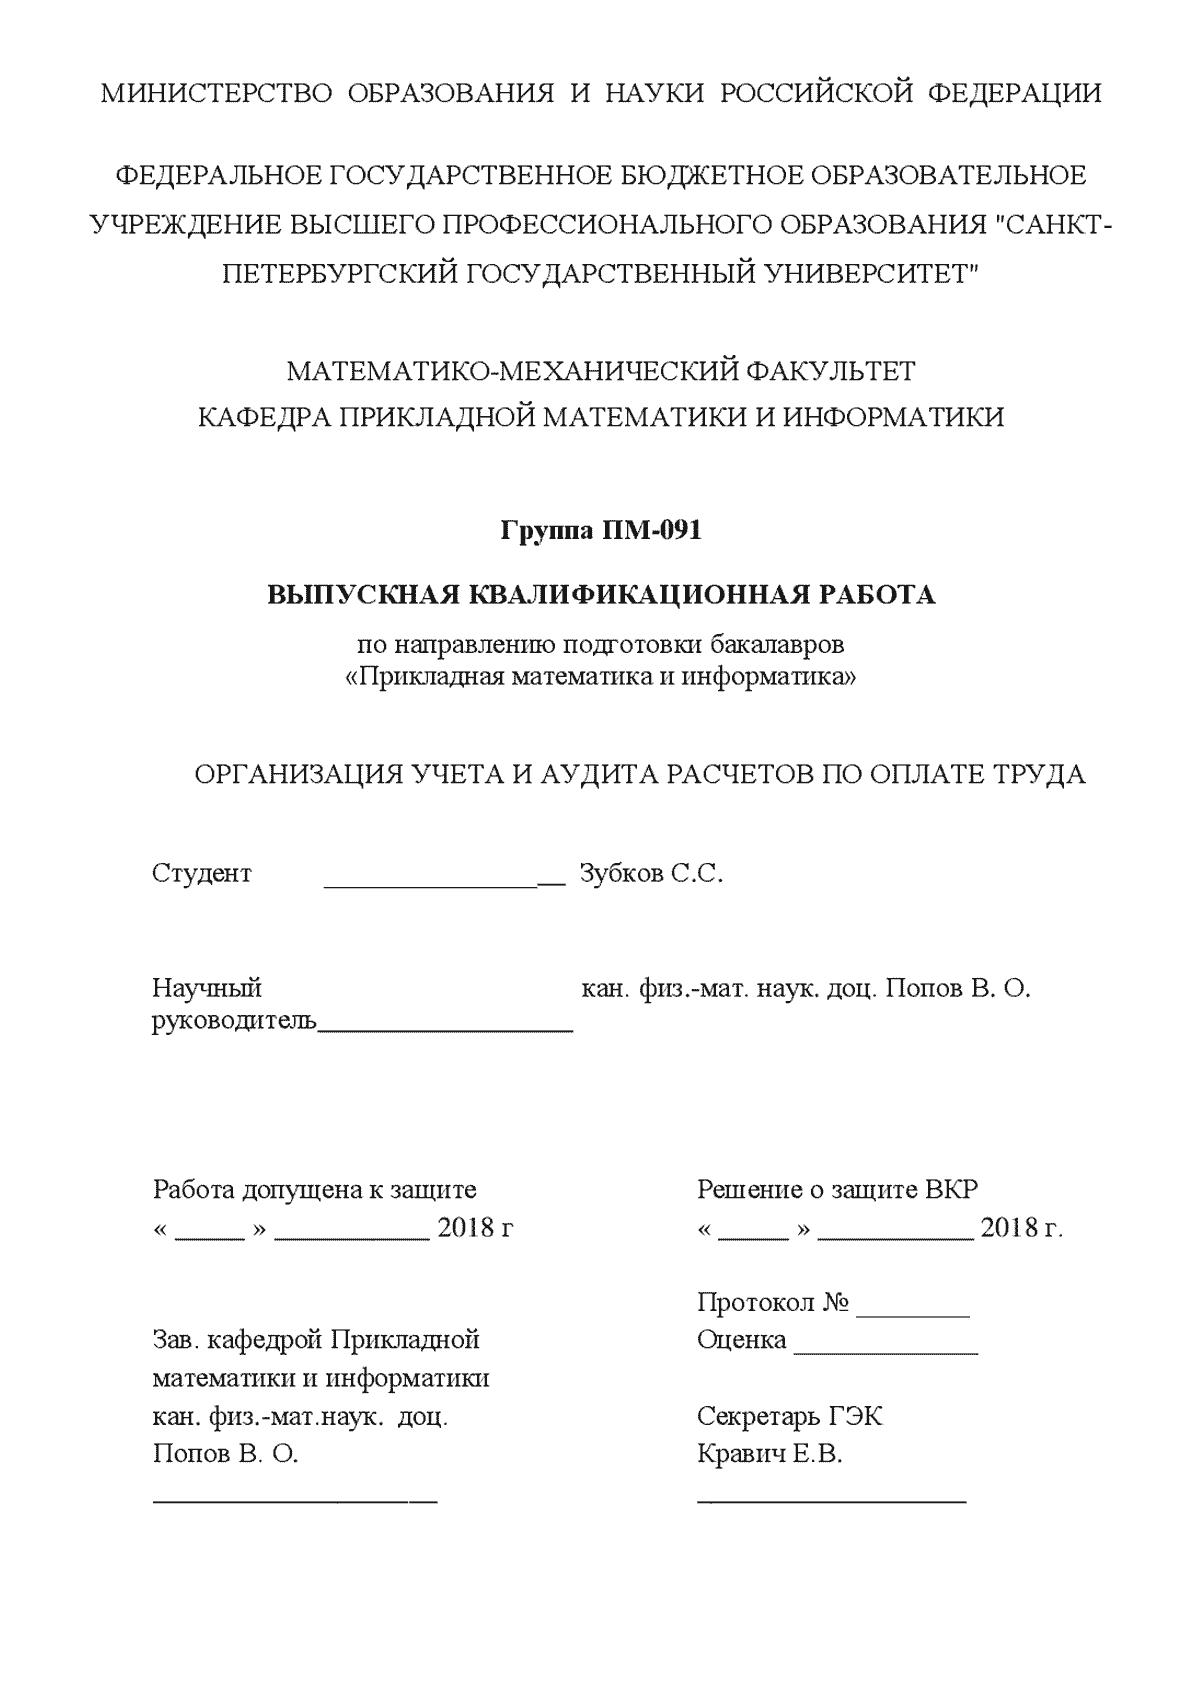 Образец титульного дипломной работы 4120